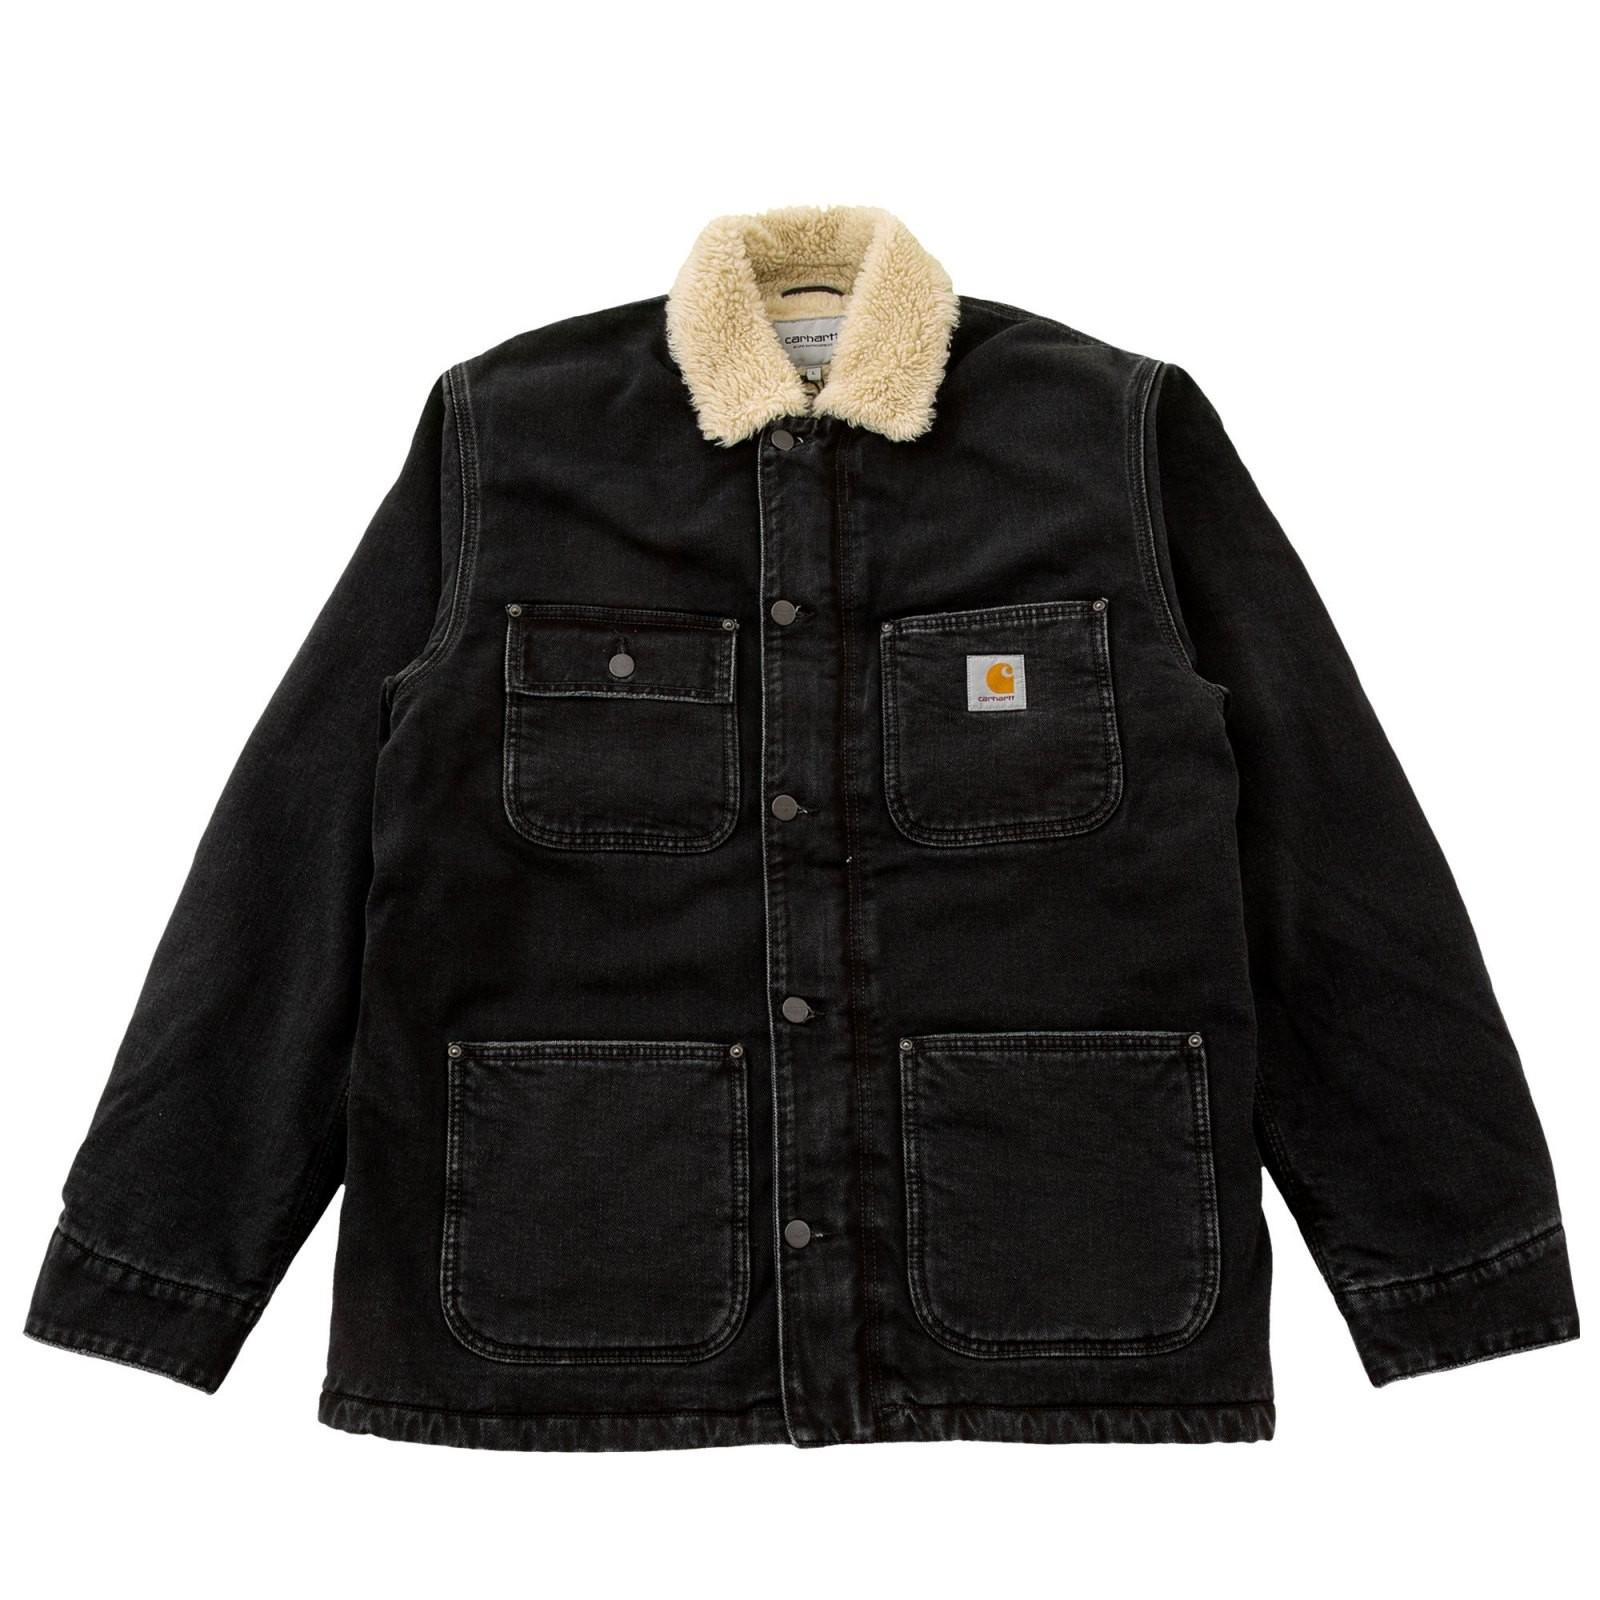 CARHARTT Herren Jacke Fairmount Coat Black Stone Washed